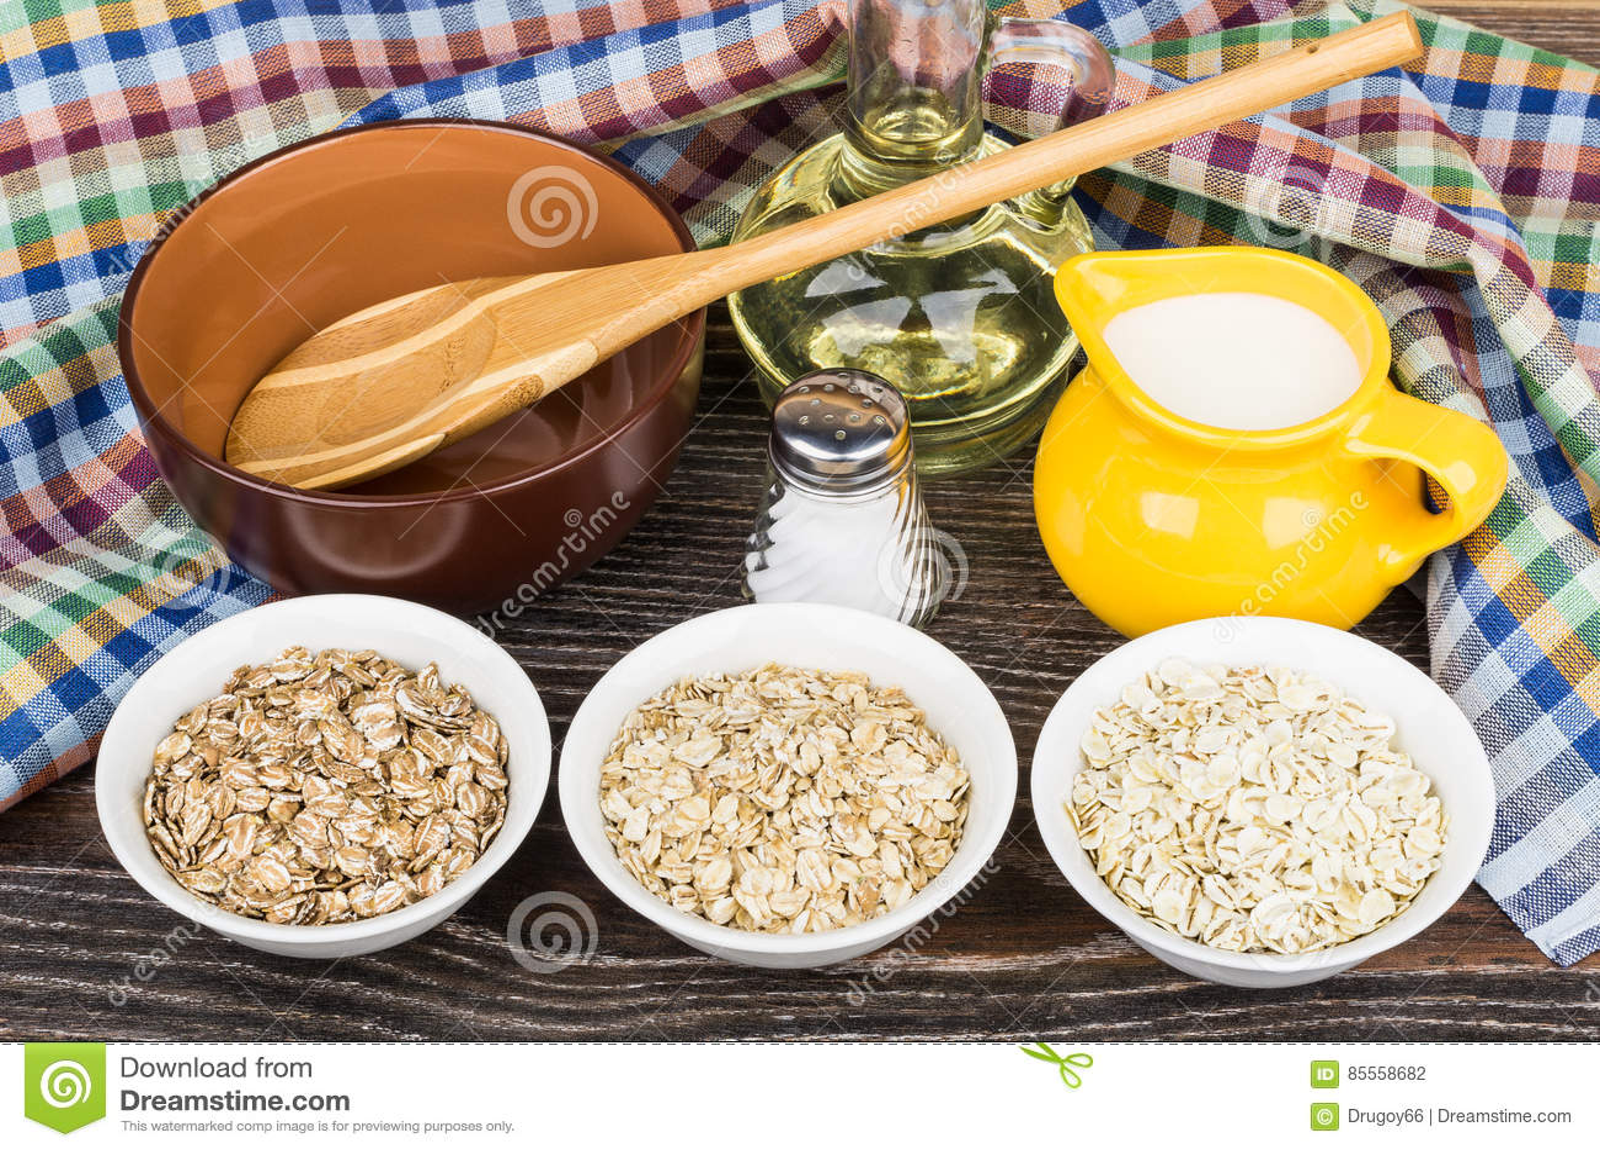 Schüsseln mit Hafer, Roggen, Gerste blättert, Krugmilch, Salz ab